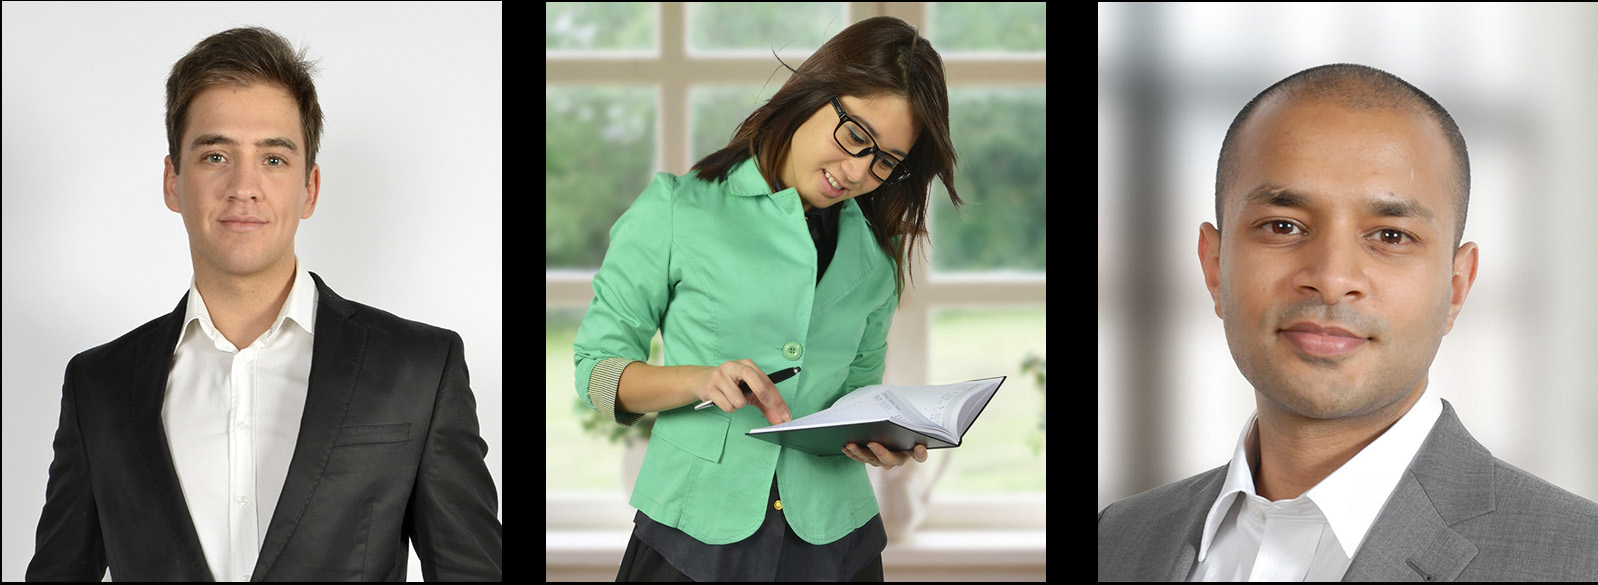 Mitarbeiter Portrait; Business Portrait; Fotostudio;Mitarbeiterfoto in den Räumlichkeiten einer Firma, mit unscharfem Hintergrund Portrait; Personen; Preise; sympathisch; kompetent. Business-Portraits; Firmenportraits. beliebige Hintergründe